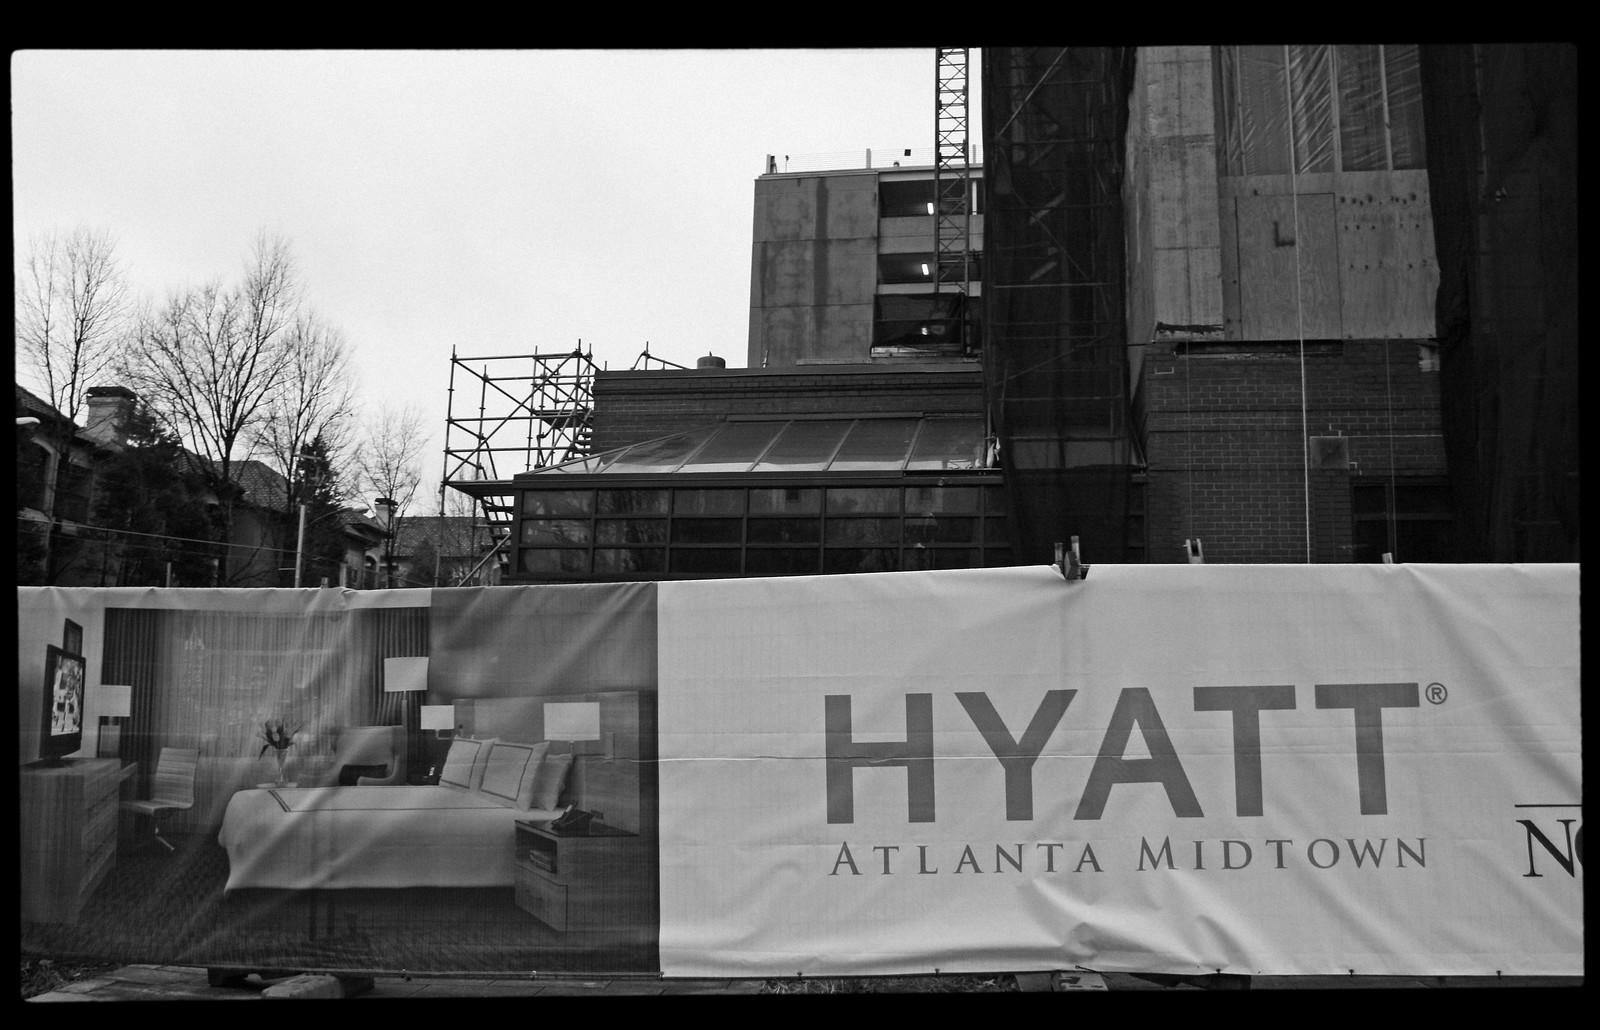 Hyatt Atlanta Midtown, Dec 2012